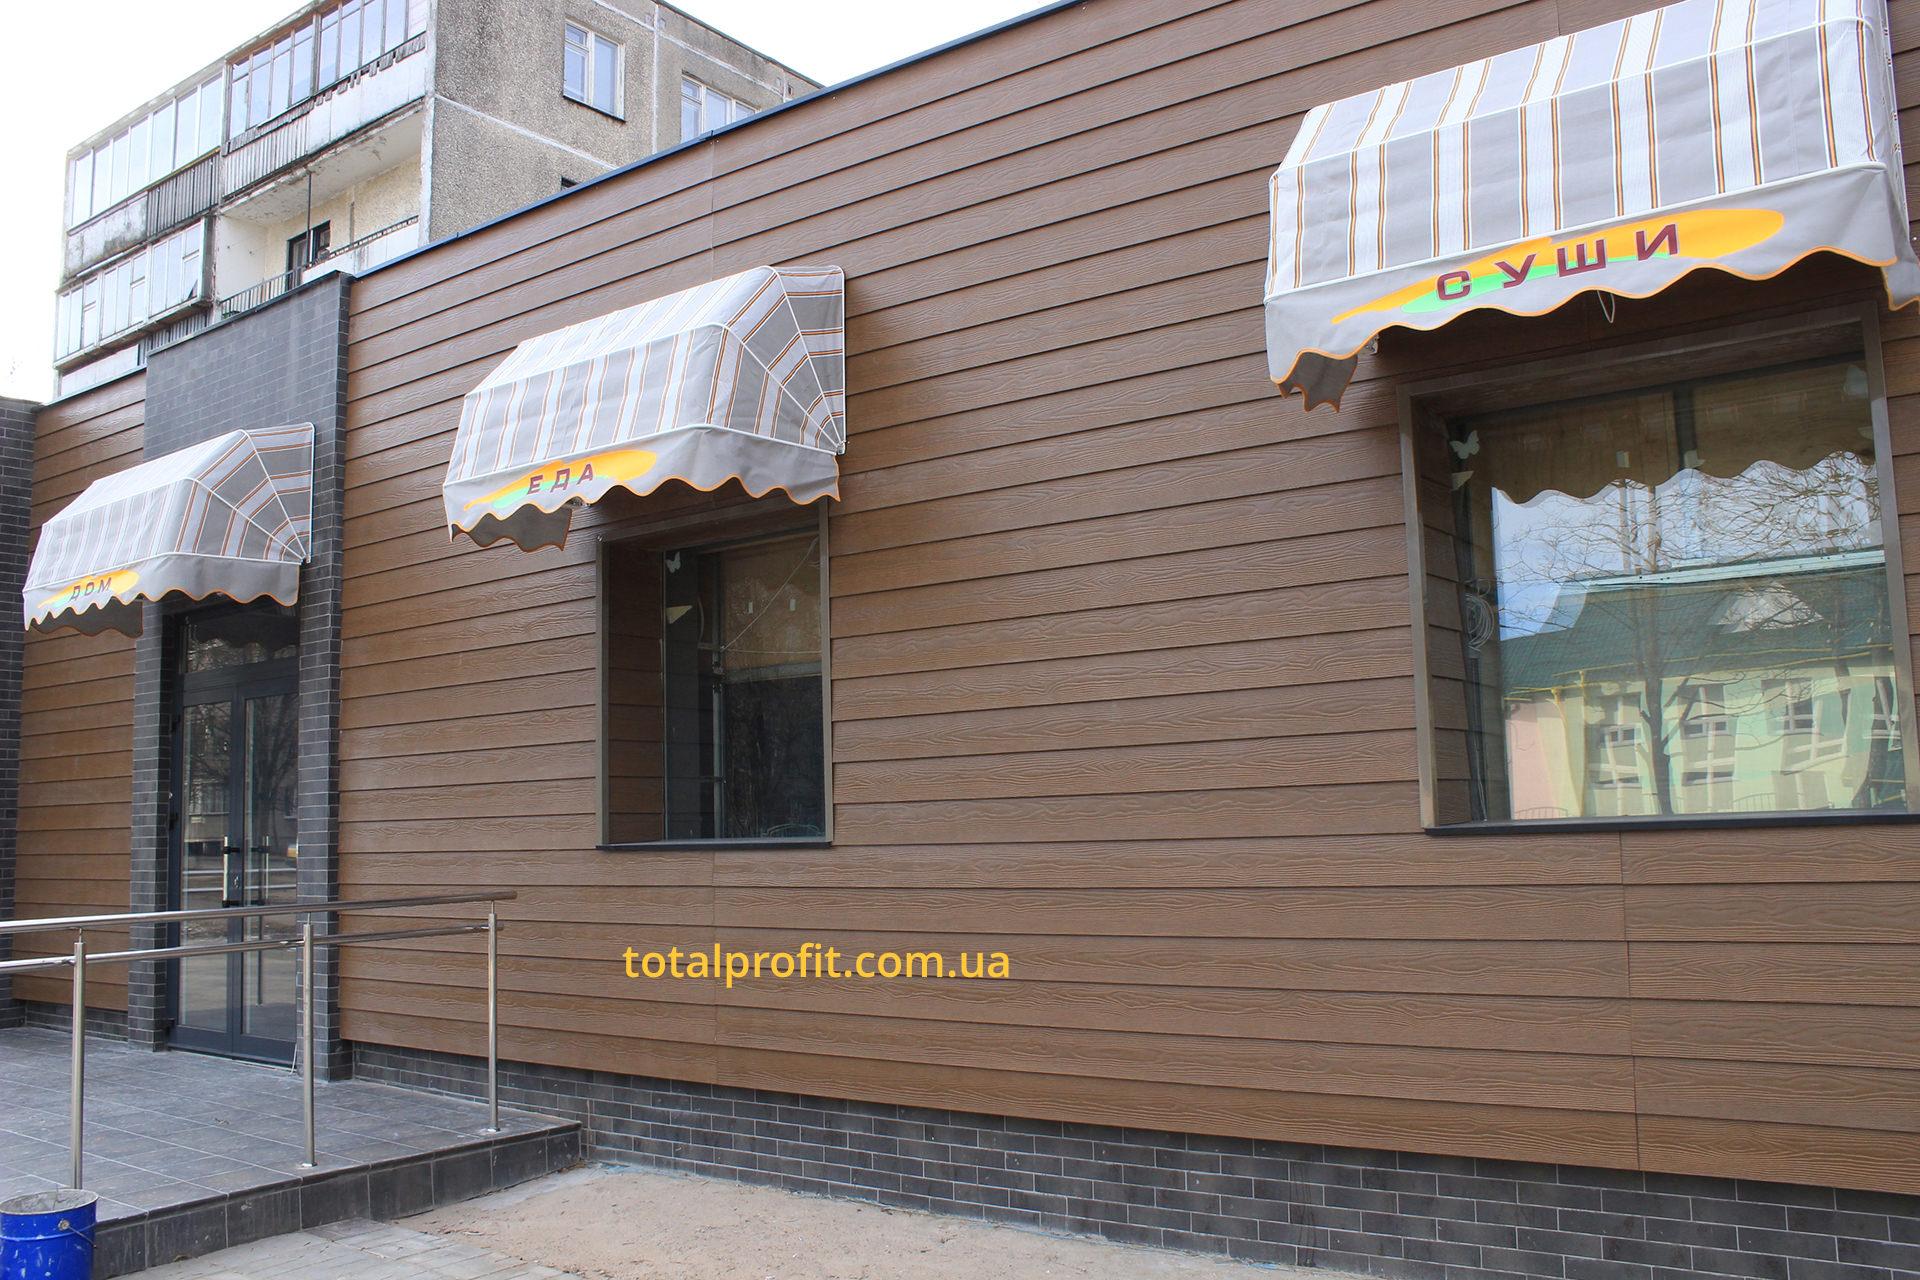 Реализация проекта фасада ресторана